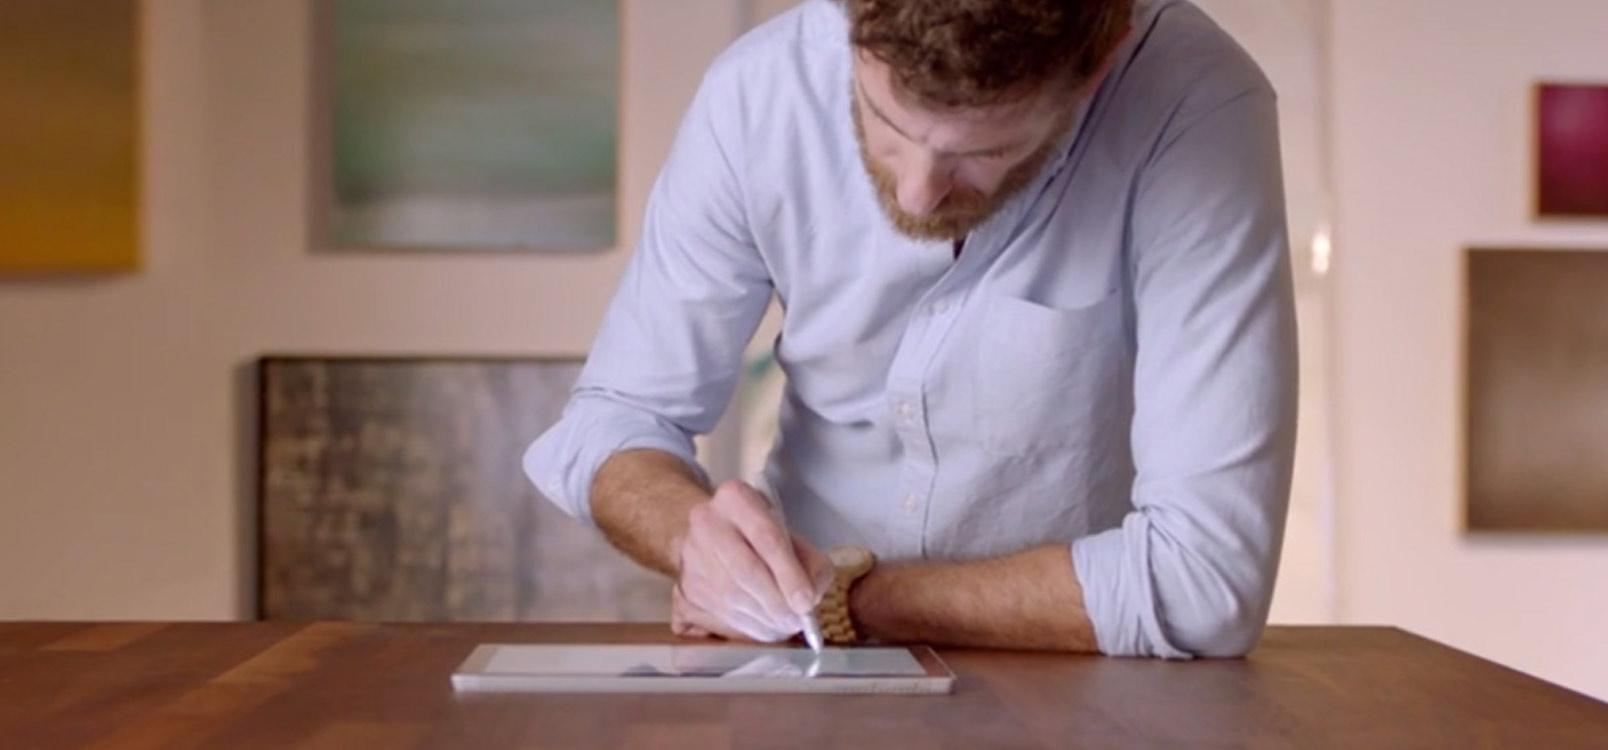 Dos personas mirando la pantalla de un teléfono, obtén información sobre cómo colaborar con otros usuarios en Office